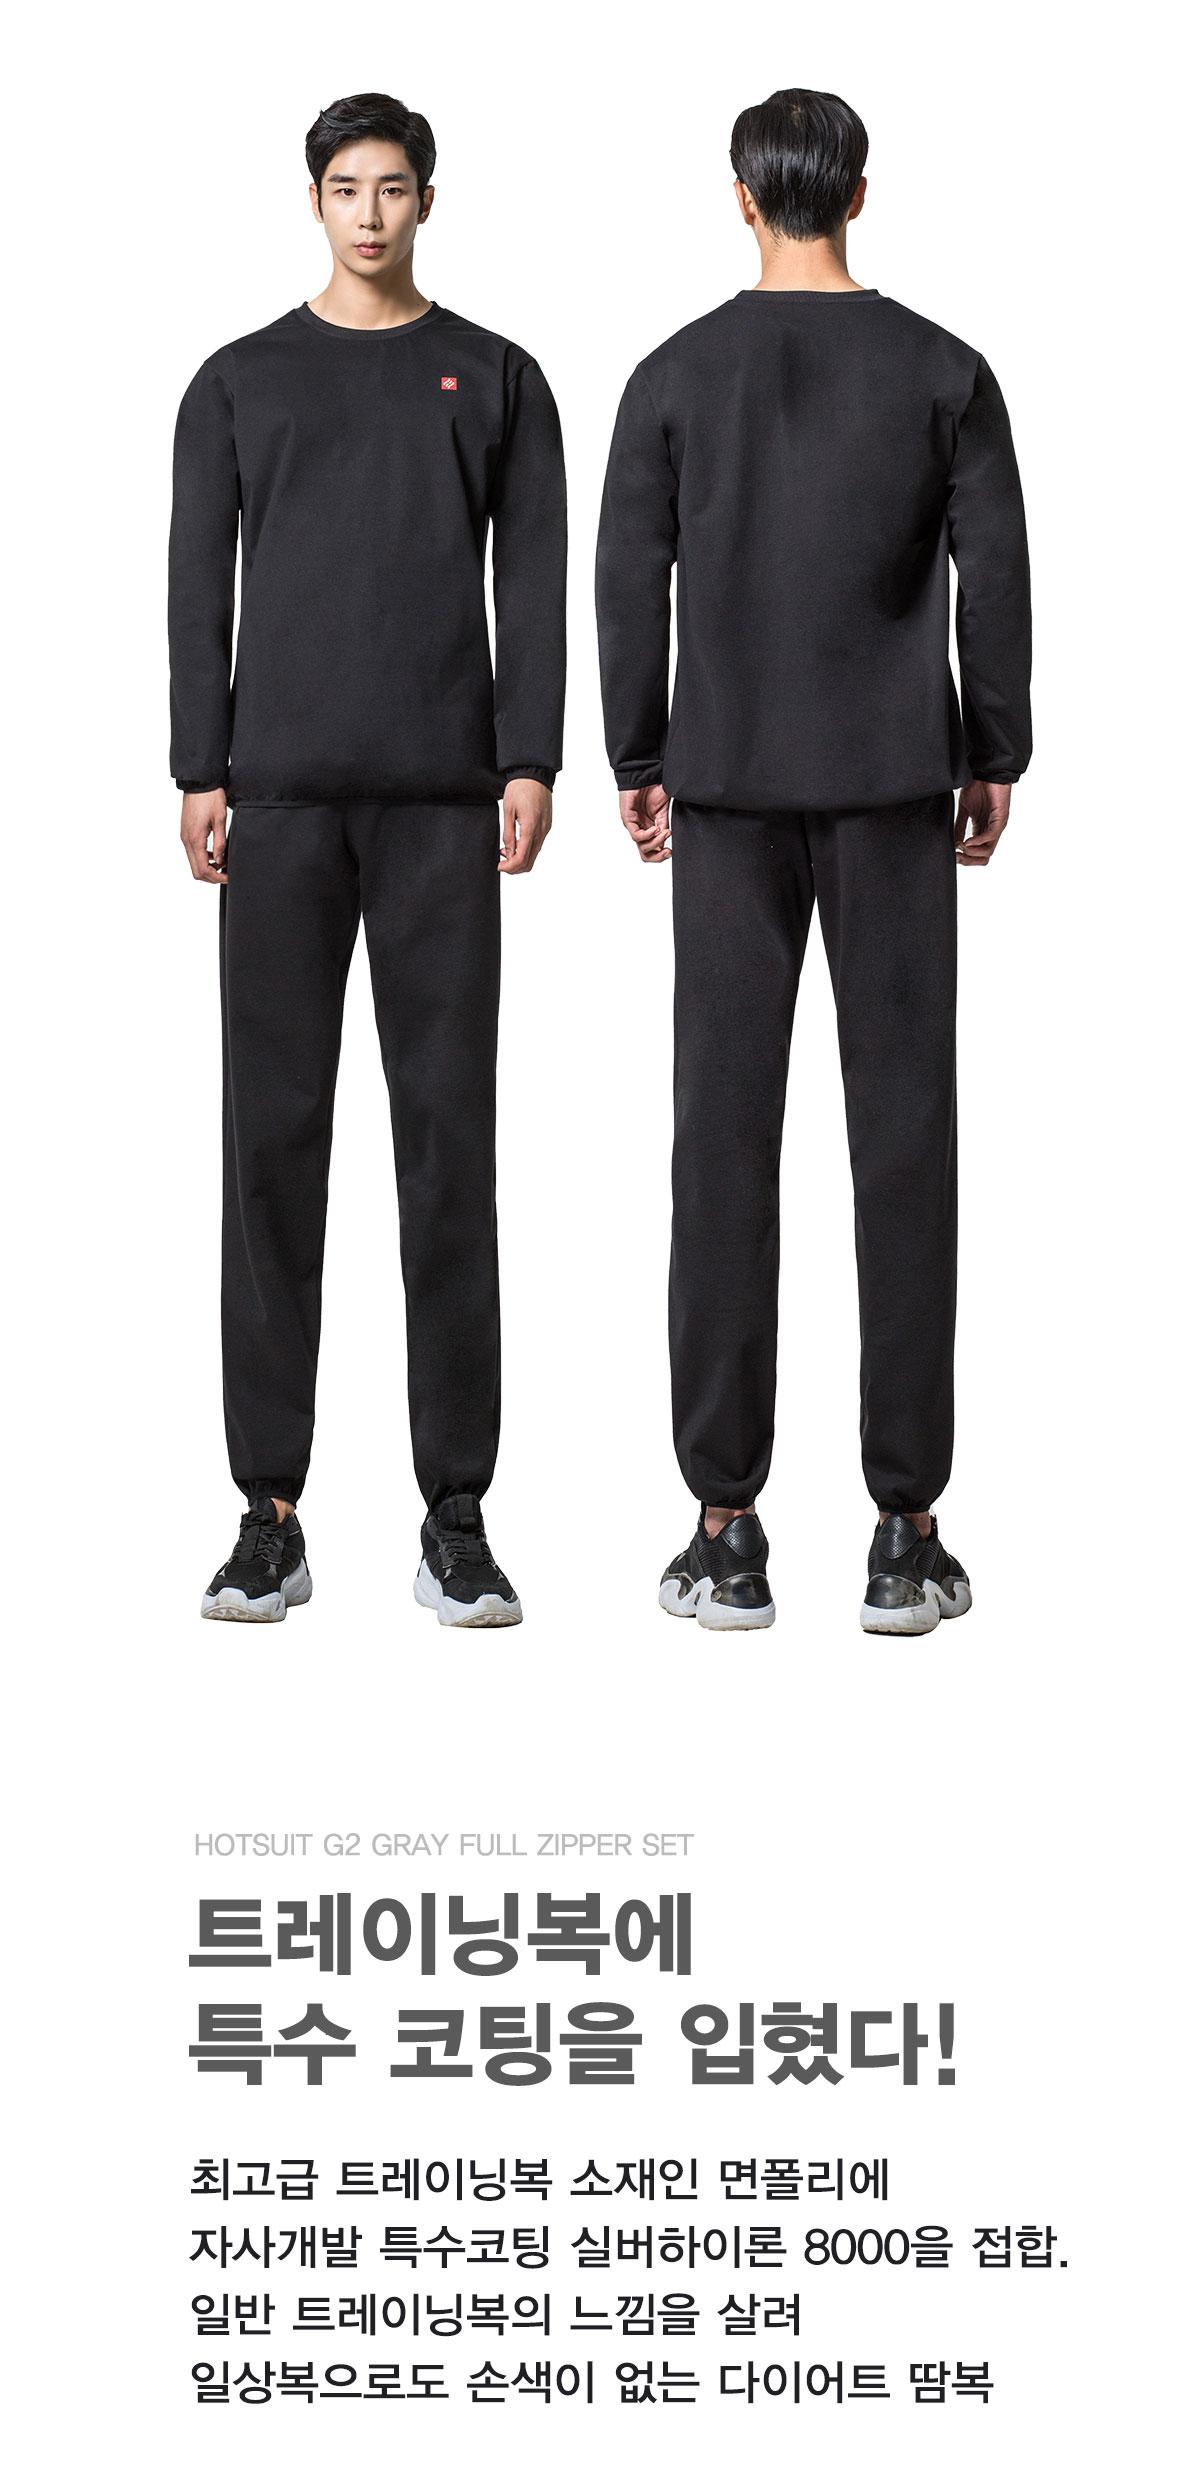 최고급 트레이닝복 소재인 면폴리에 자사개발 특수코팅 실버하이론 8000을 접합. 일반 트레이닝복의 느낌을 살려 일상복으로도 손색이 없는 다이어트 땀복